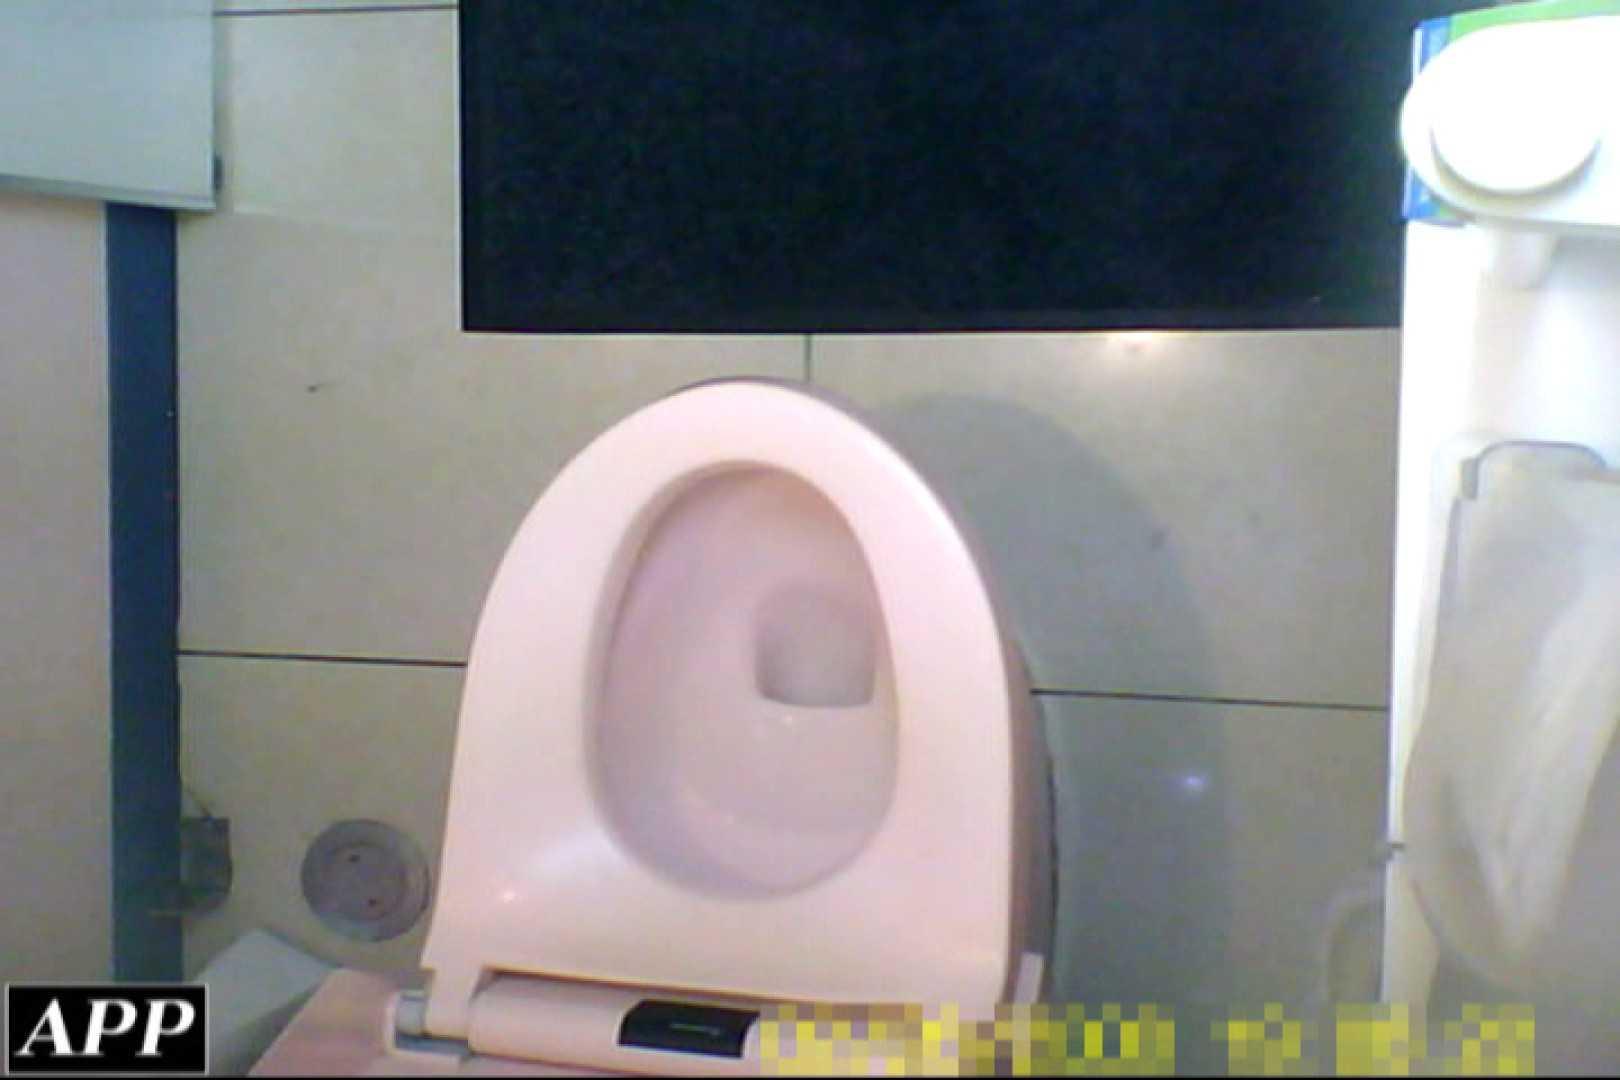 3視点洗面所 vol.004 OLエロ画像 | 洗面所  107PICs 75